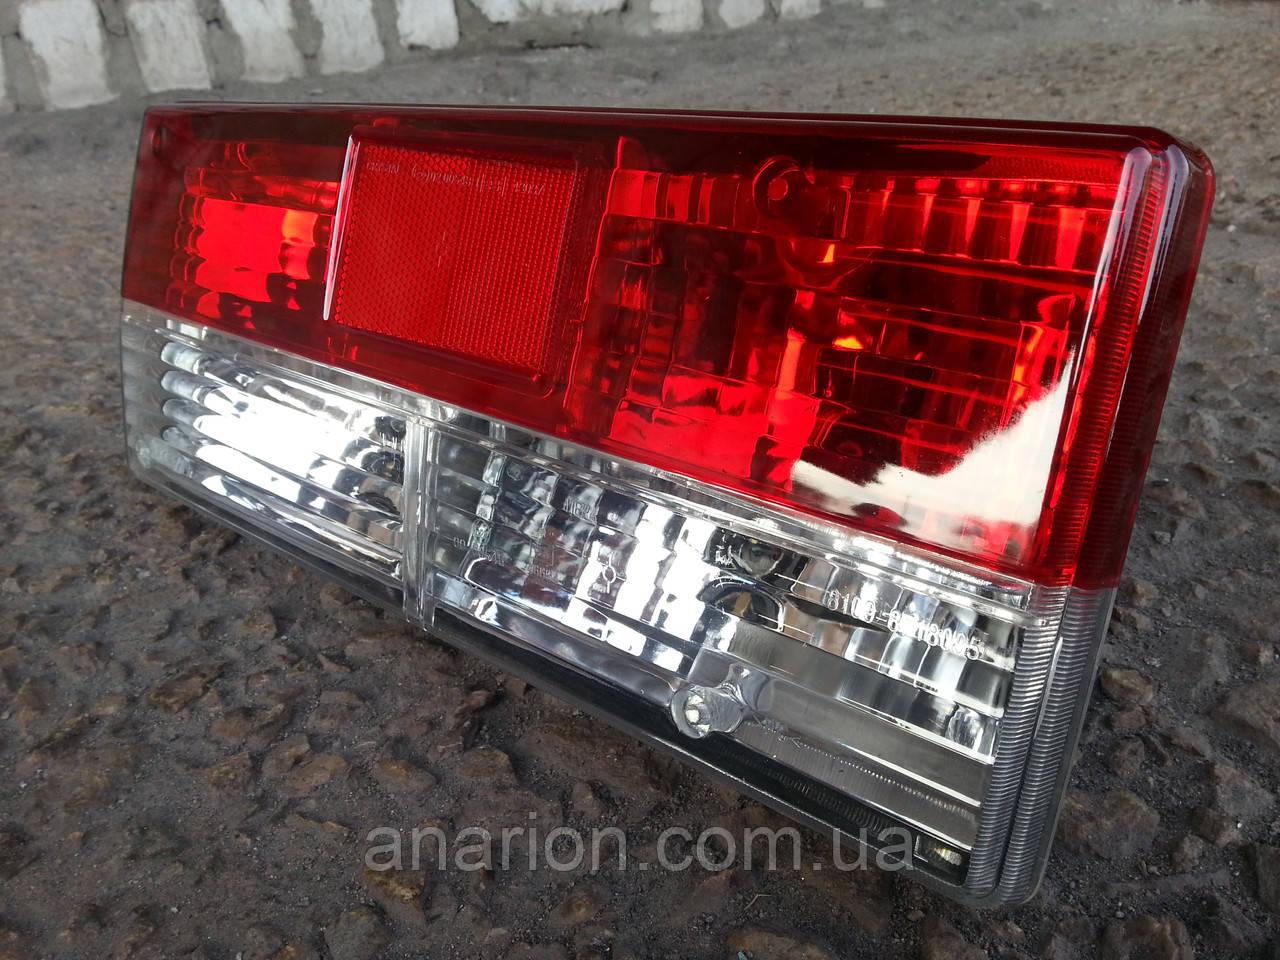 Задние фары на ВАЗ 2105 с платой (Хрусталь №4)